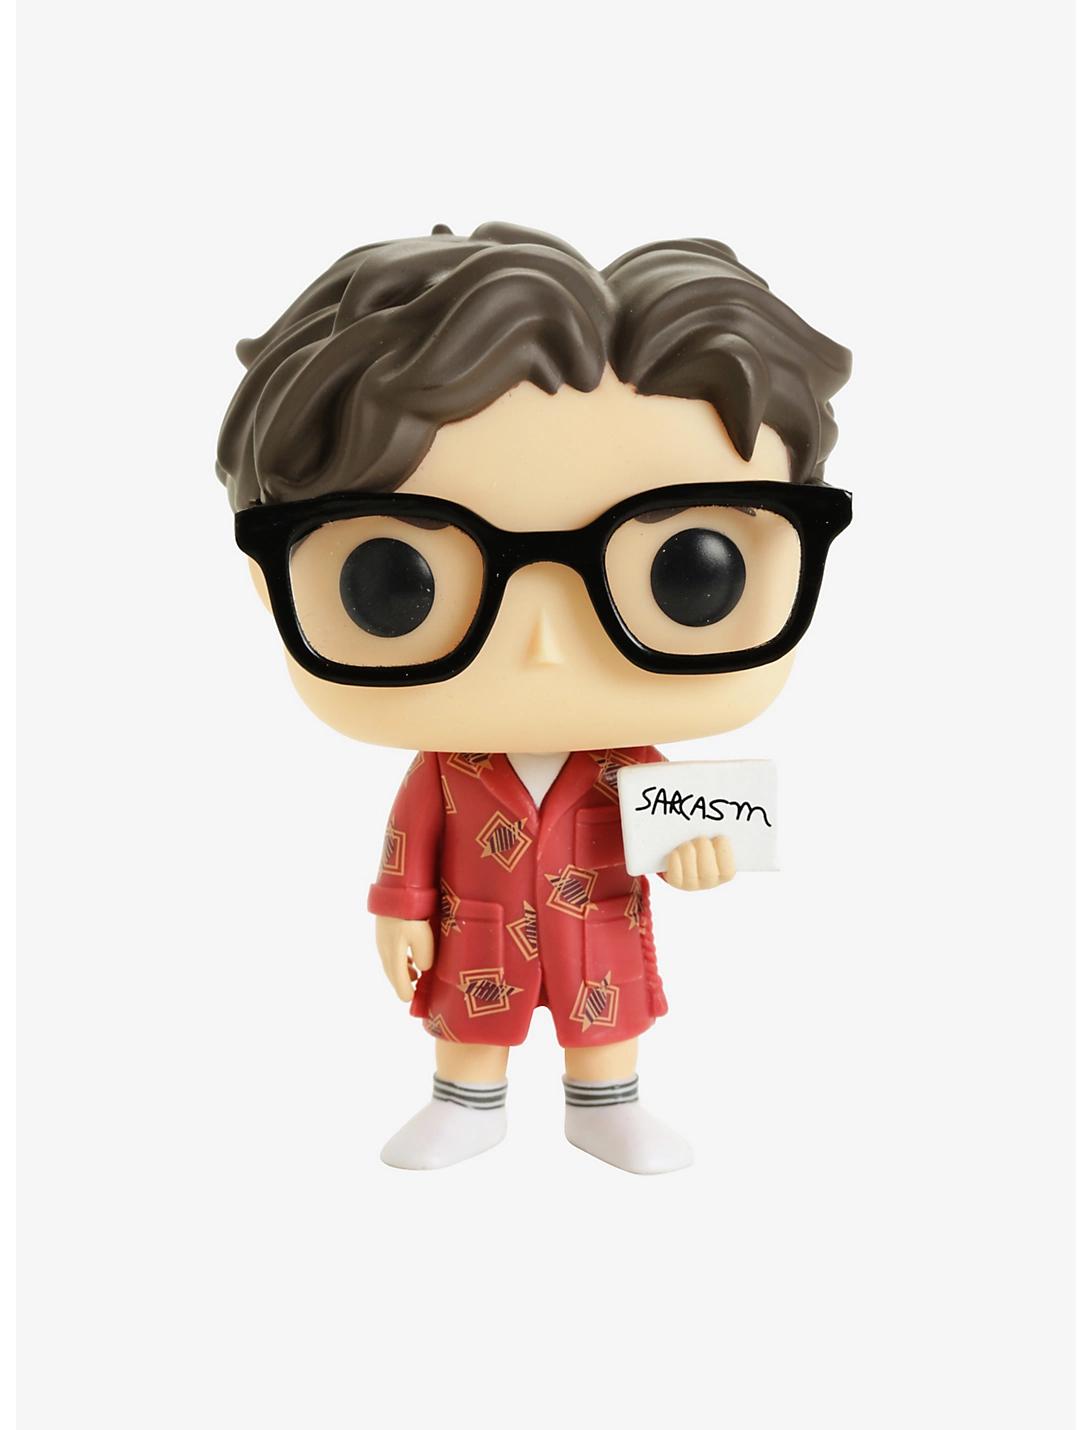 Leonard Hofstadter #778 - The Big Bang Theory - Funko Pop! Television